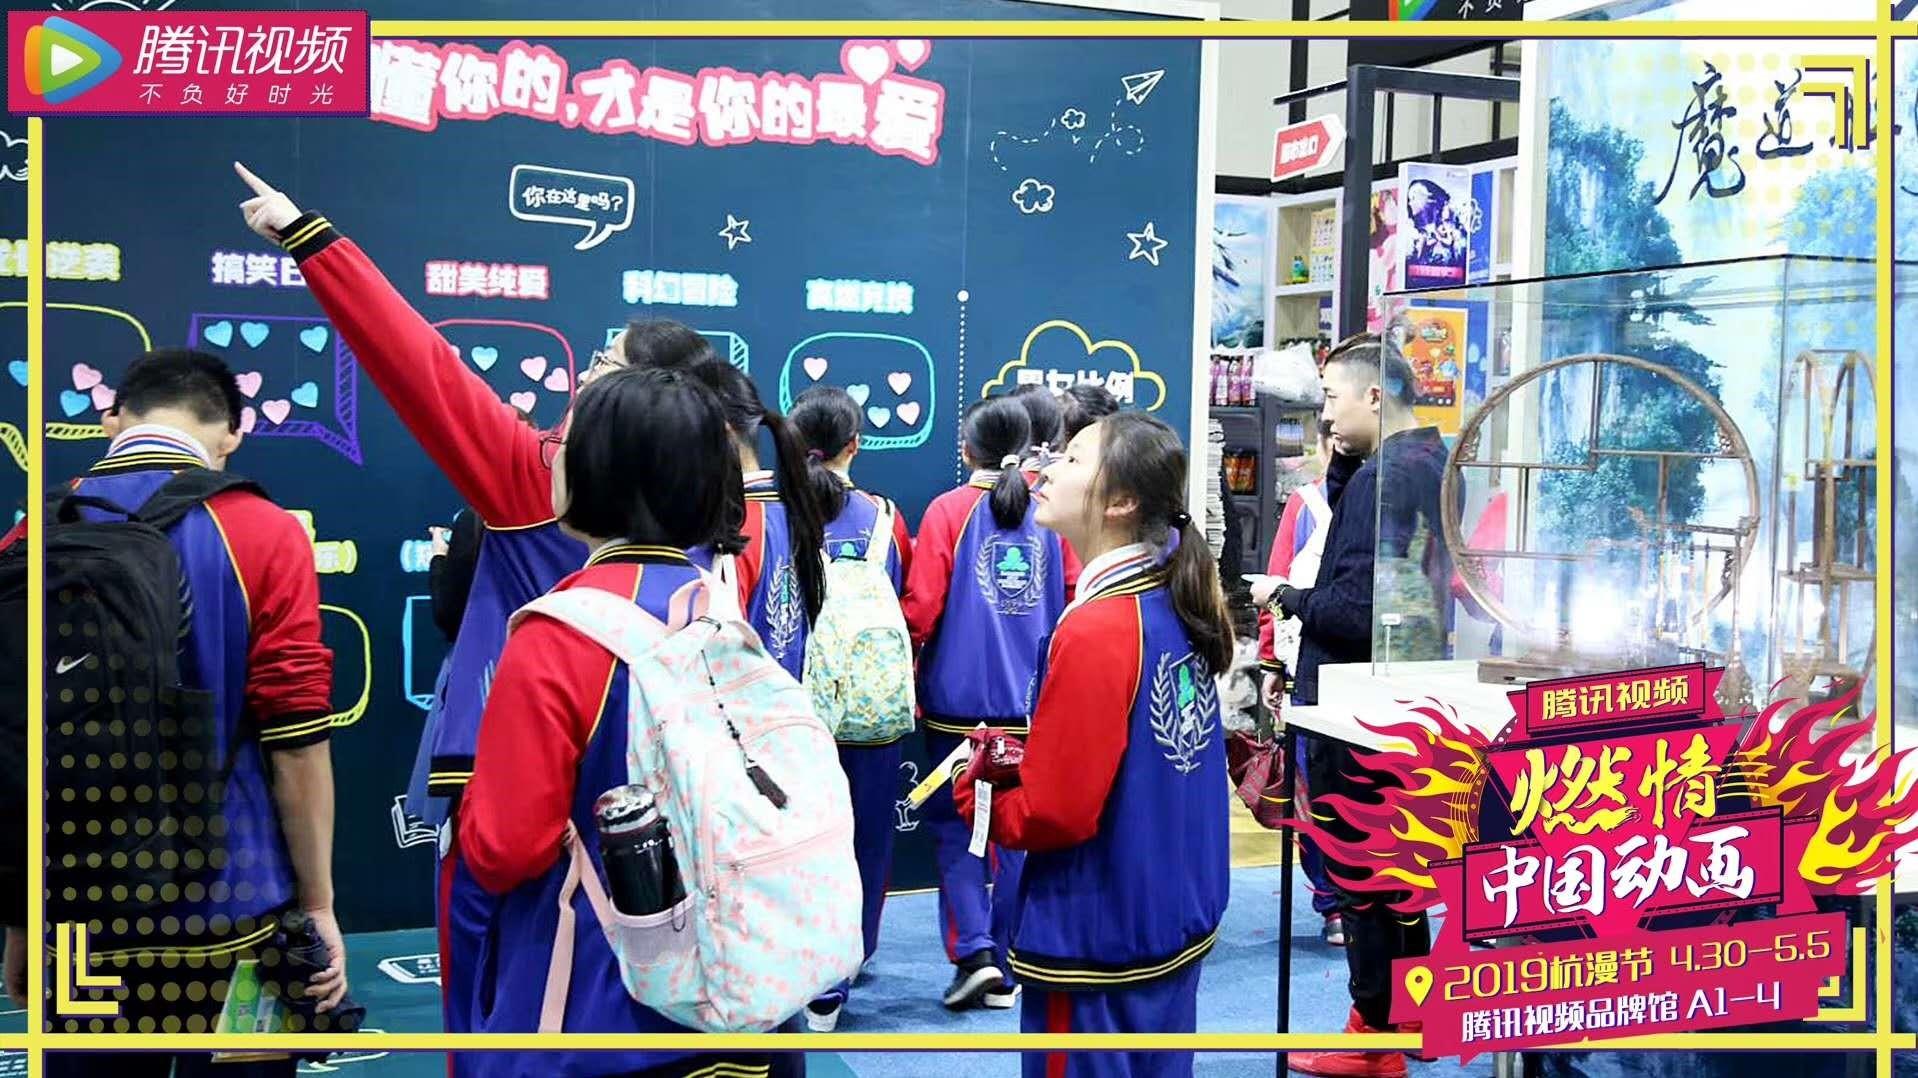 燃情中国动画 腾讯视频携精品IP亮相杭漫节